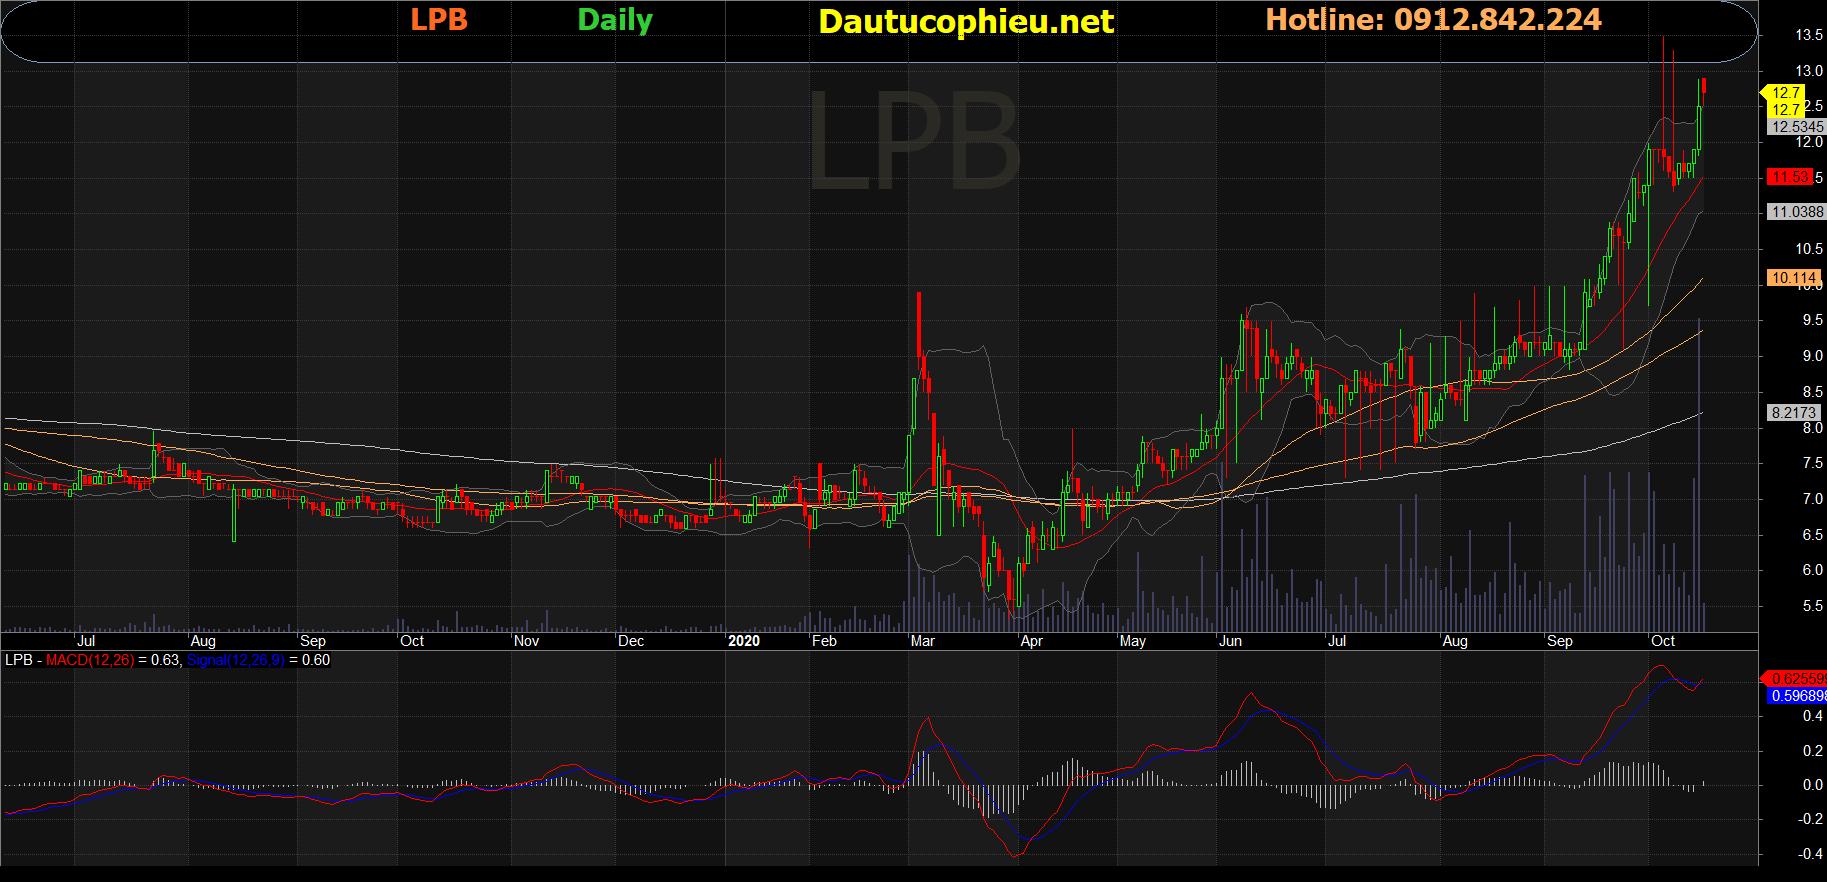 Cổ phiếu LPB